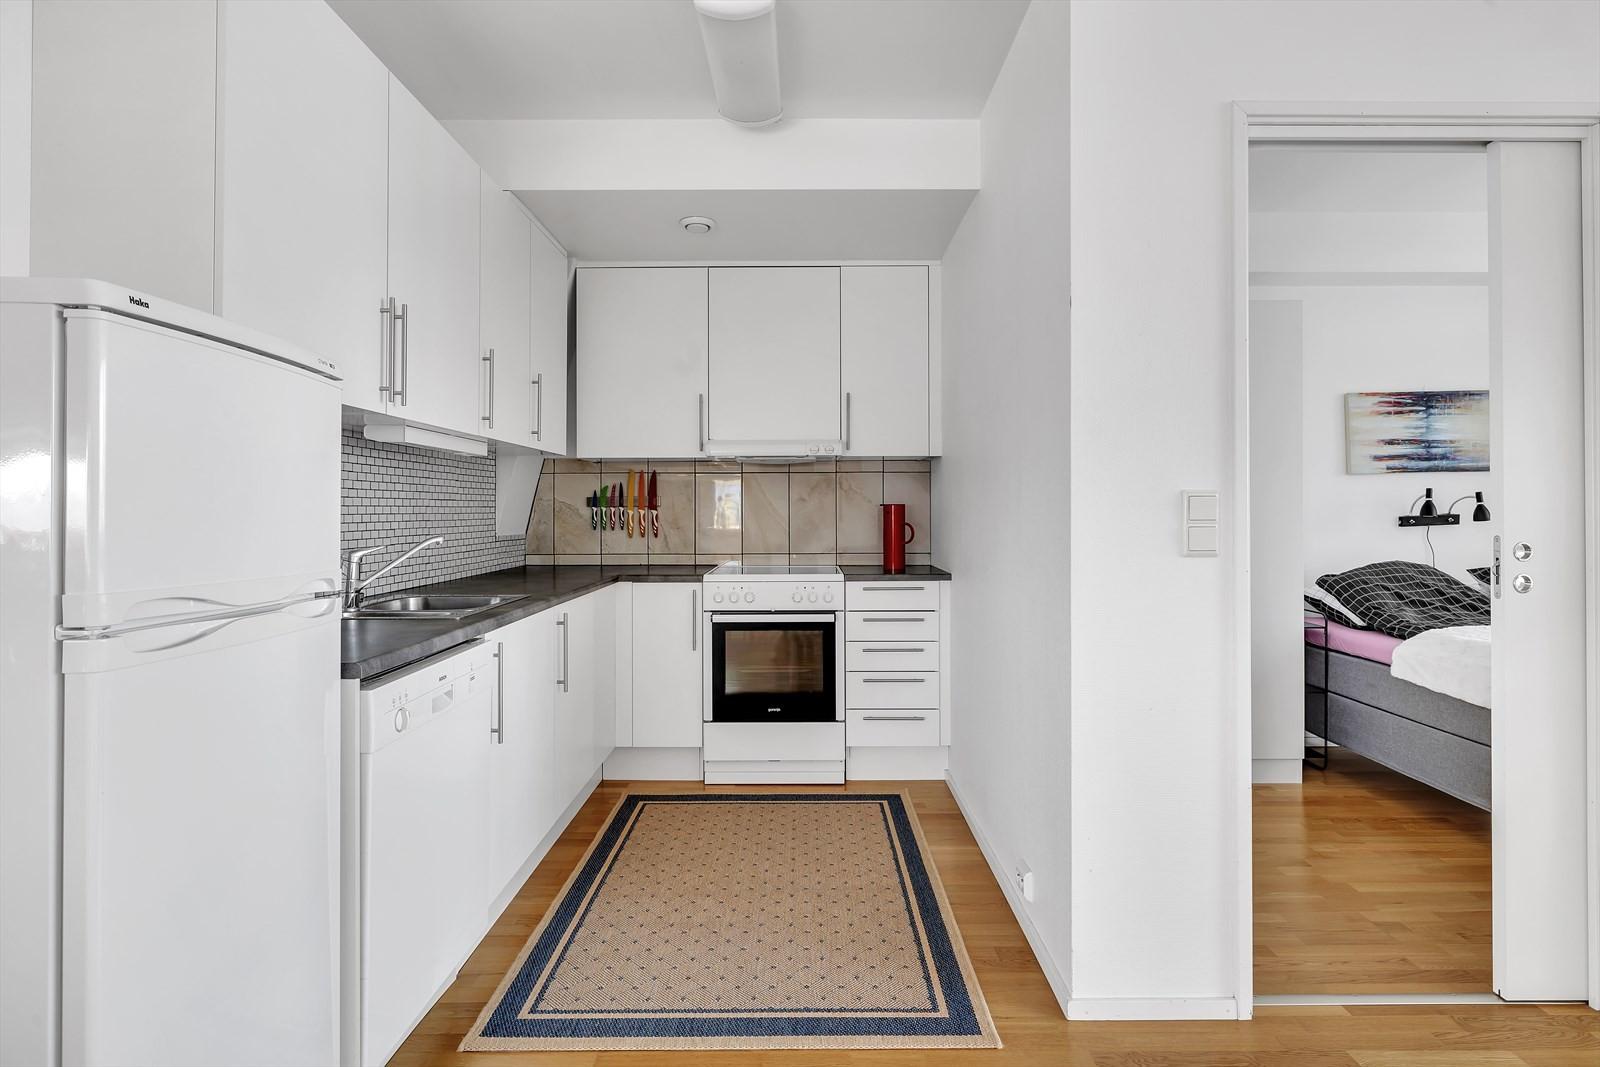 Kjøkken og inngang til hovedsoverom.